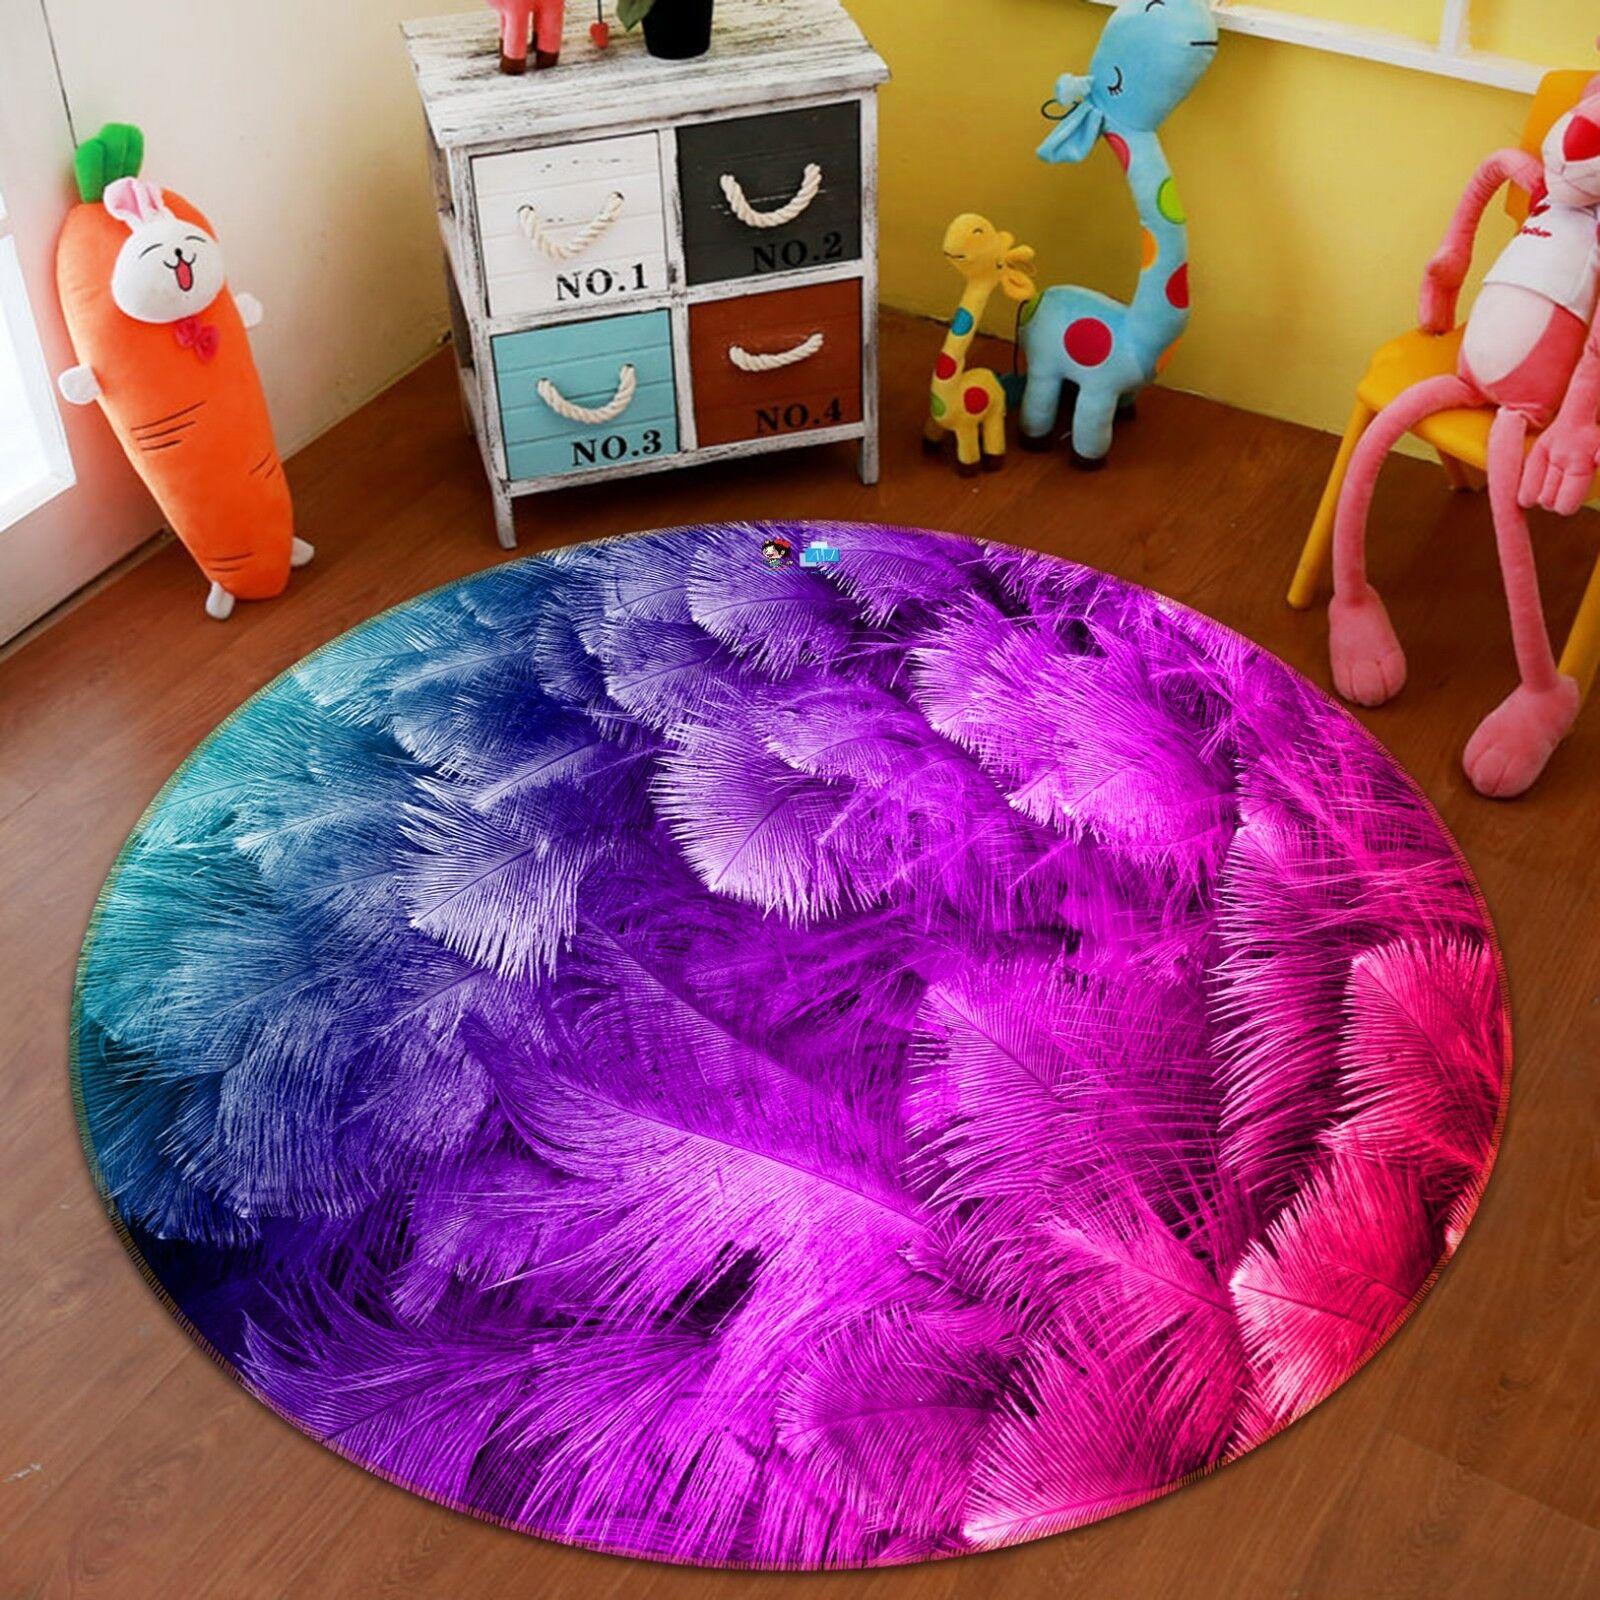 3D Verfärbung Feder 2 2 2 Rutschfest Teppich Matte Raum Matte Runden Elegant Teppich c17001